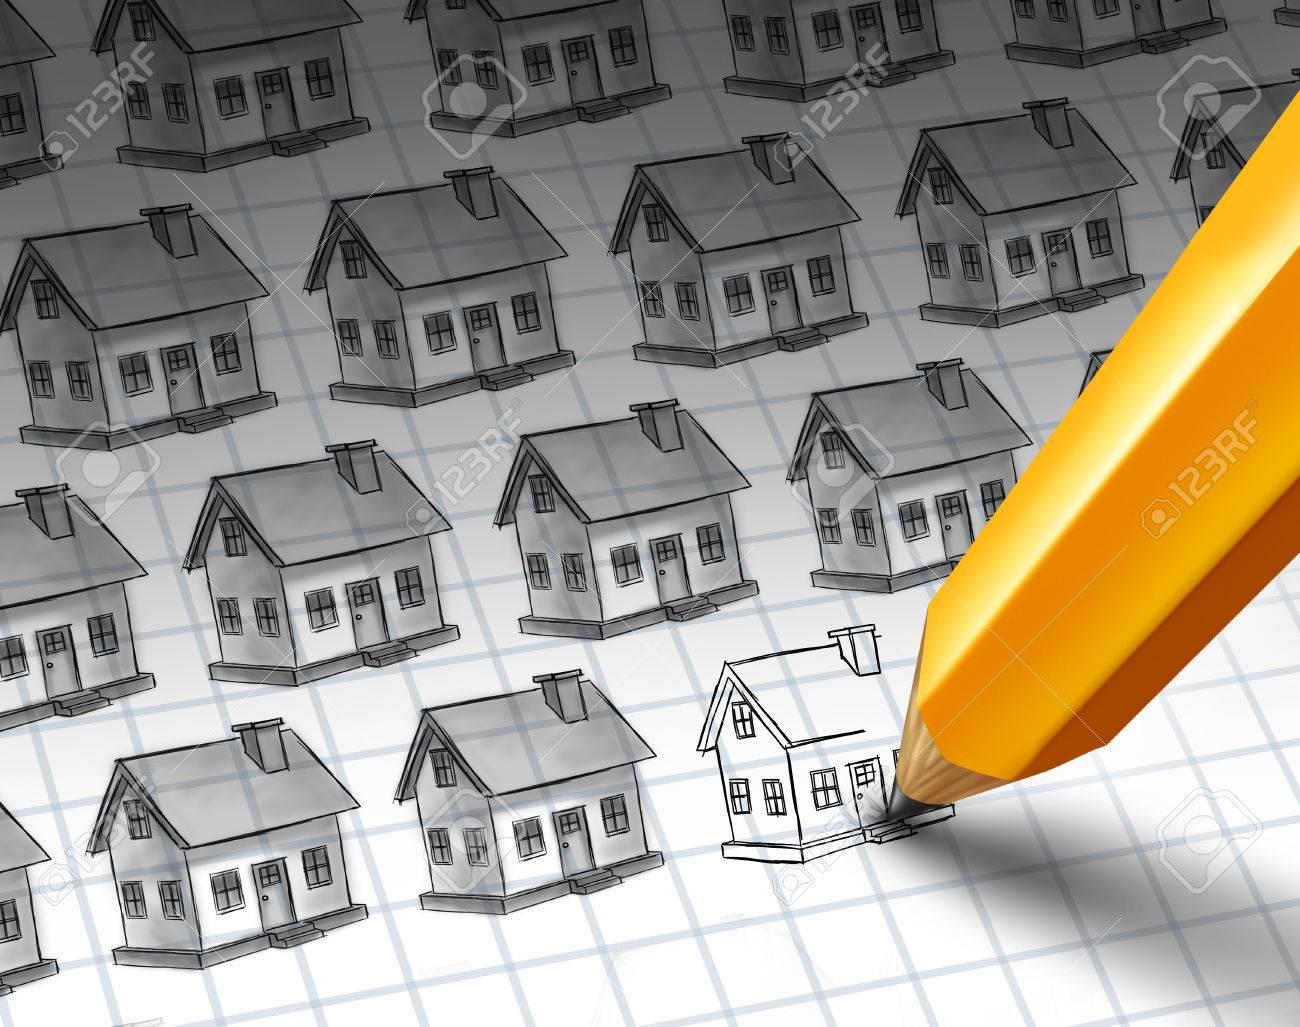 Bau Zunahme Und Wachsende Wohnanlage Konzept Als Skizze Mit Mehreren ...